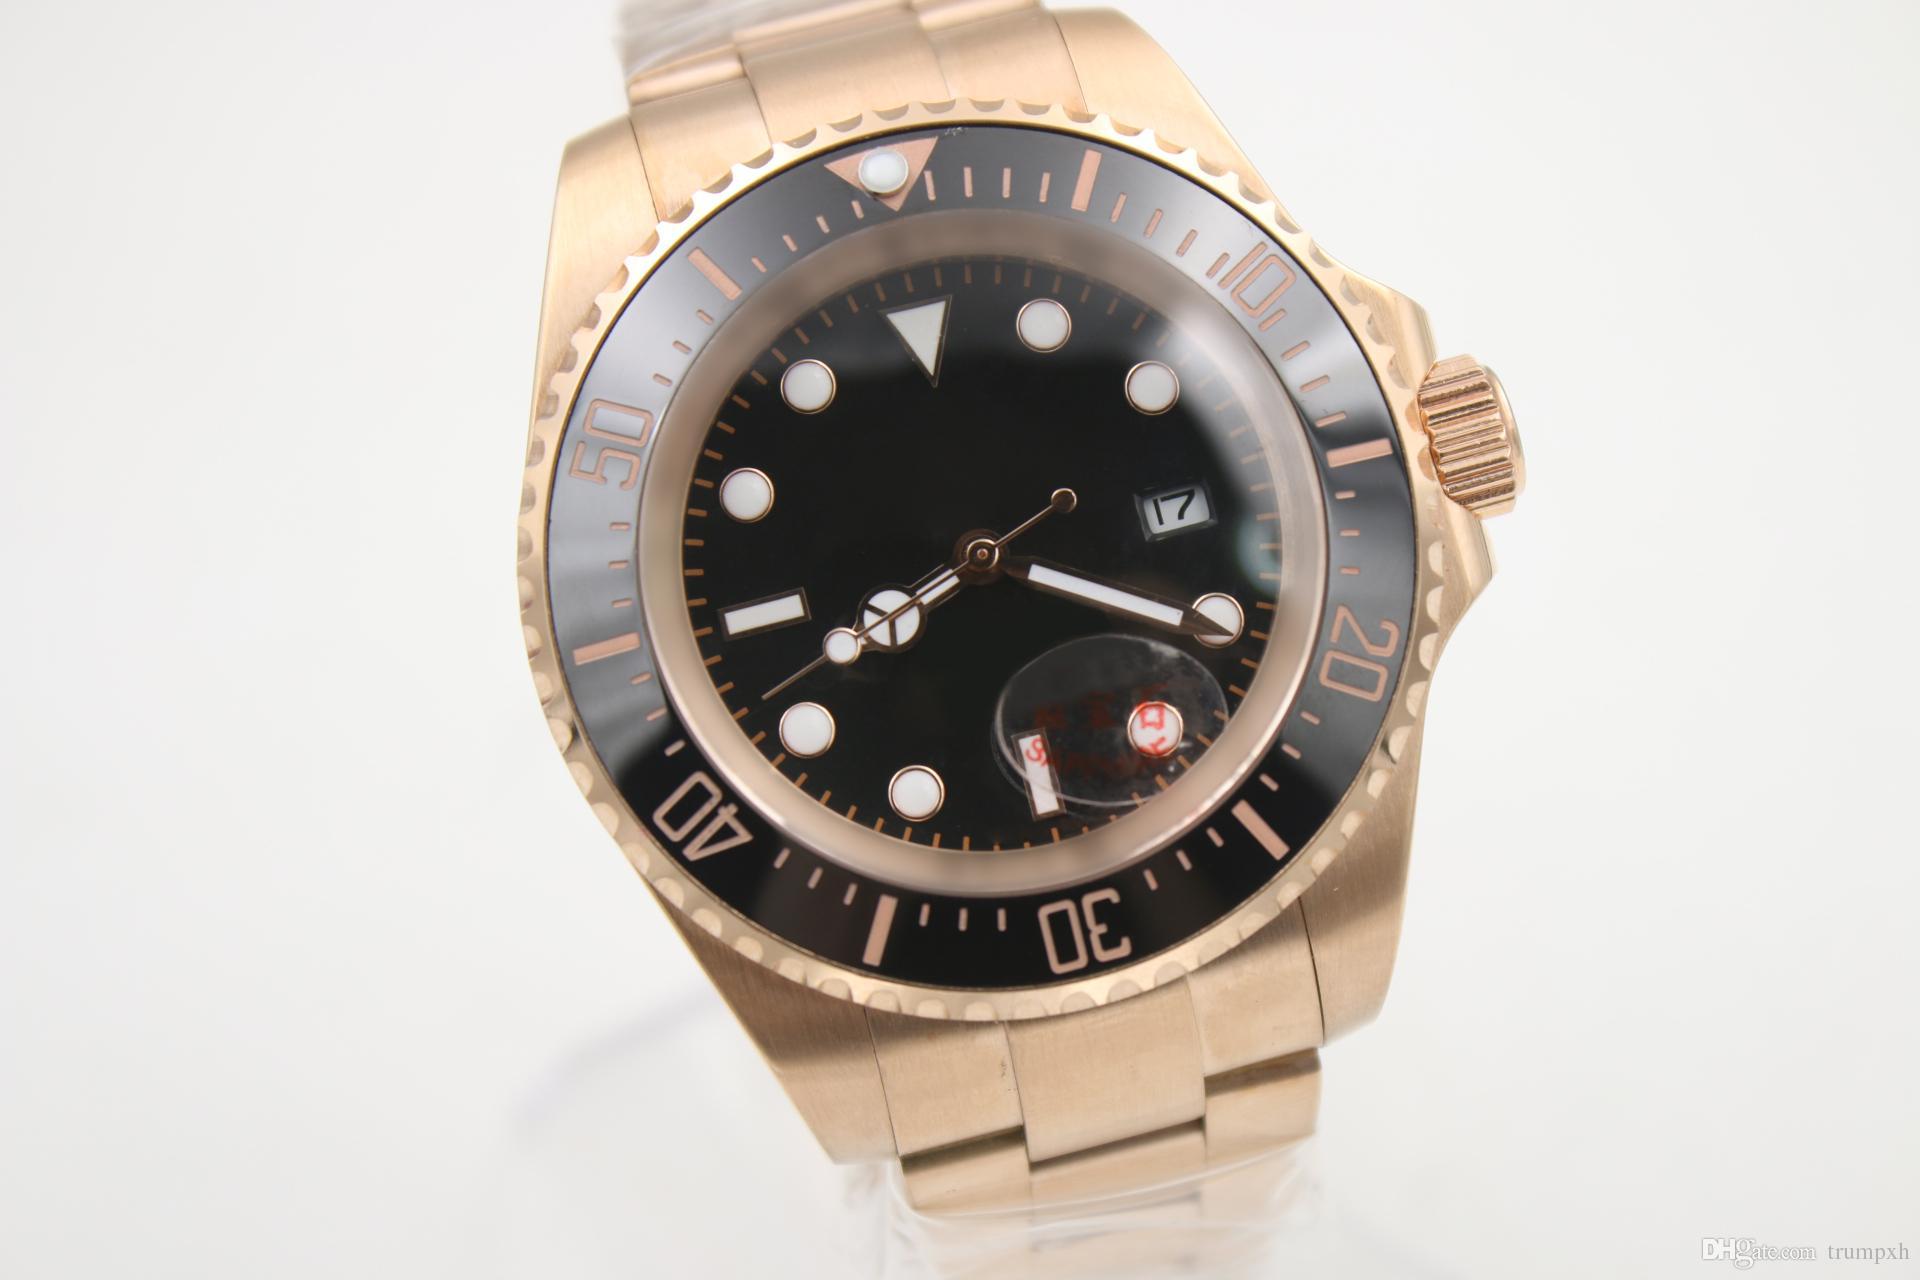 07debf4300cc Compre Famoso Reloj Automático De Los Hombres Populares Rose Gold Band Y  Skeleton Black Face Bisel De Cerámica Reloj Masculino Para Hombre Envío  Gratis A ...